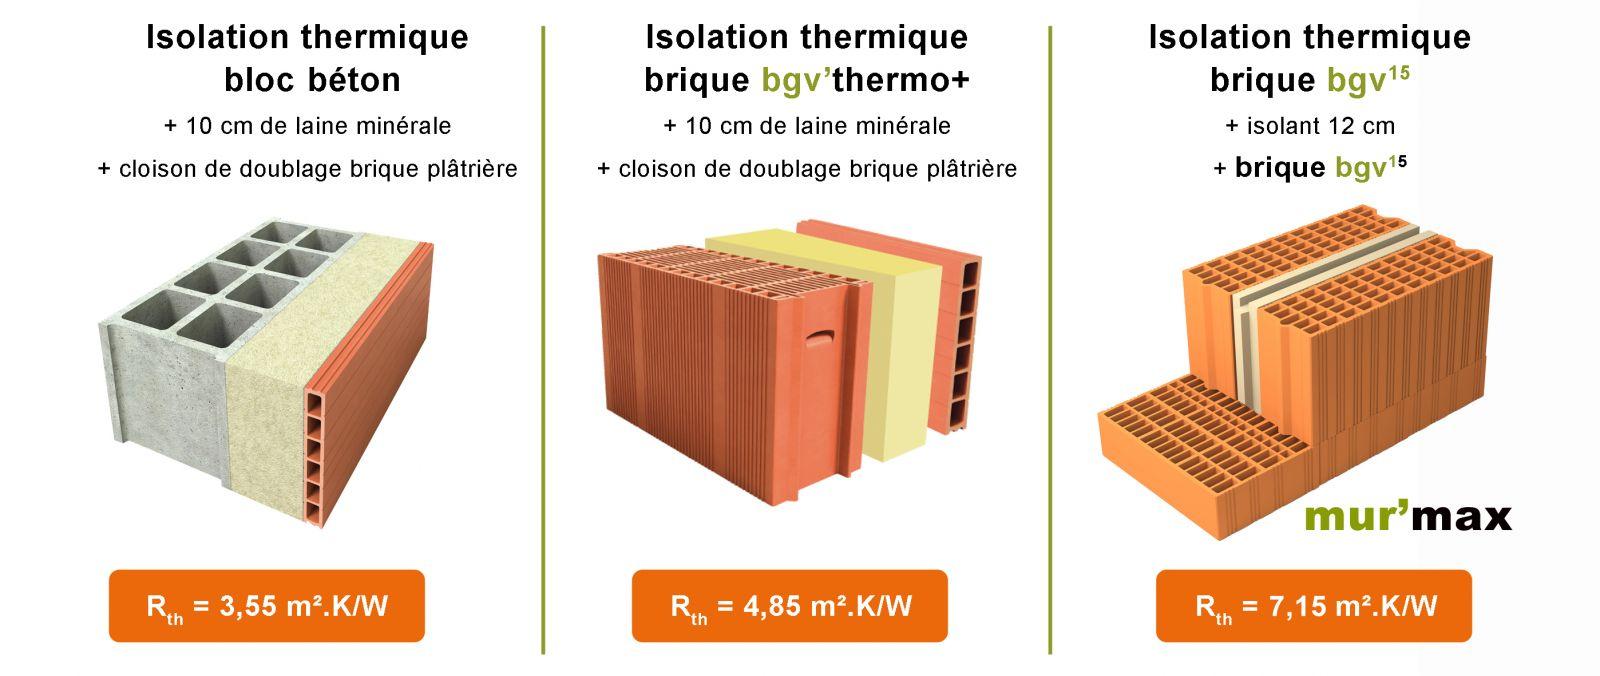 Isolant thermique mur et brique terre cuite bio 39 bric for Construire mur en brique